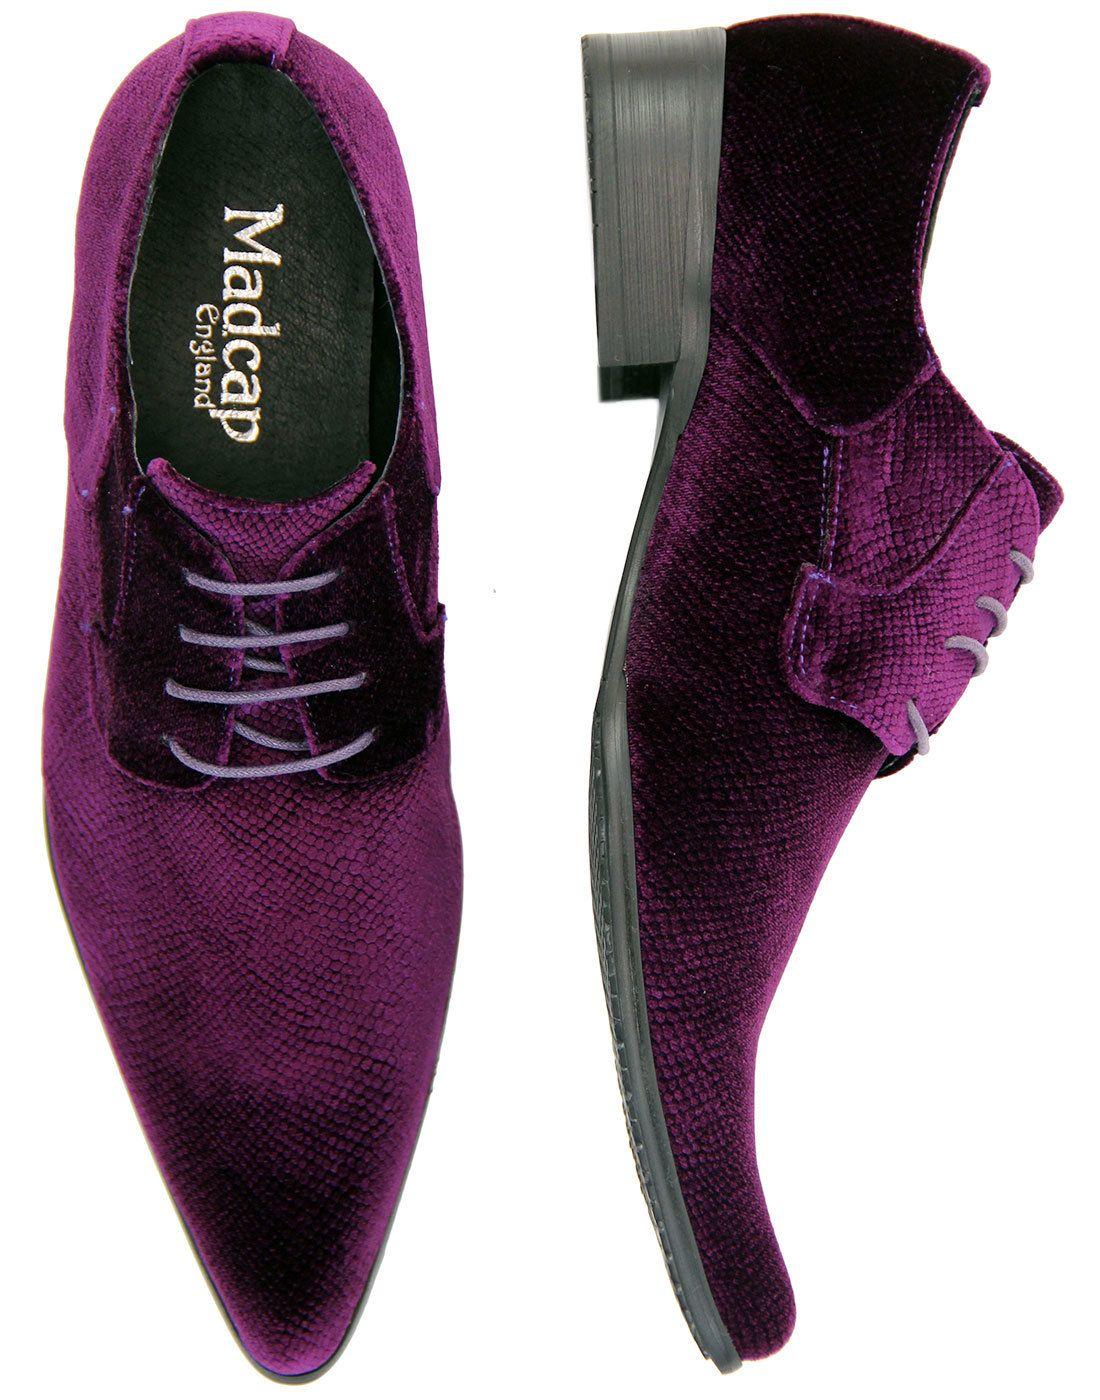 Purple dress with shoes  dcapenglandproductmensretromodvelvet